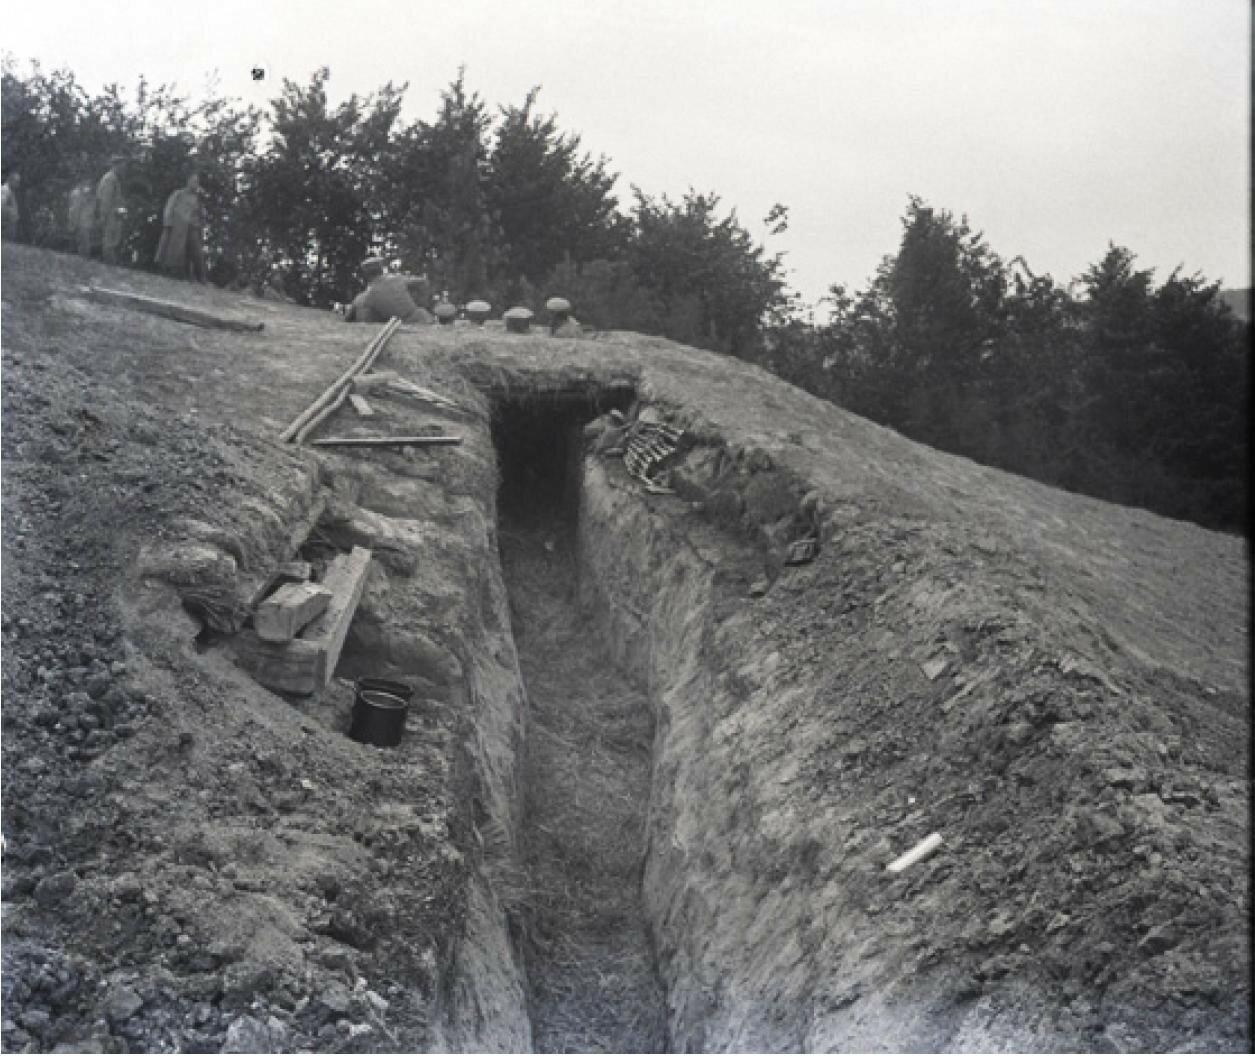 83. 1916. Русские окопы. Начало лета 1916. Позиции на реке Сервечь, Минская губерния